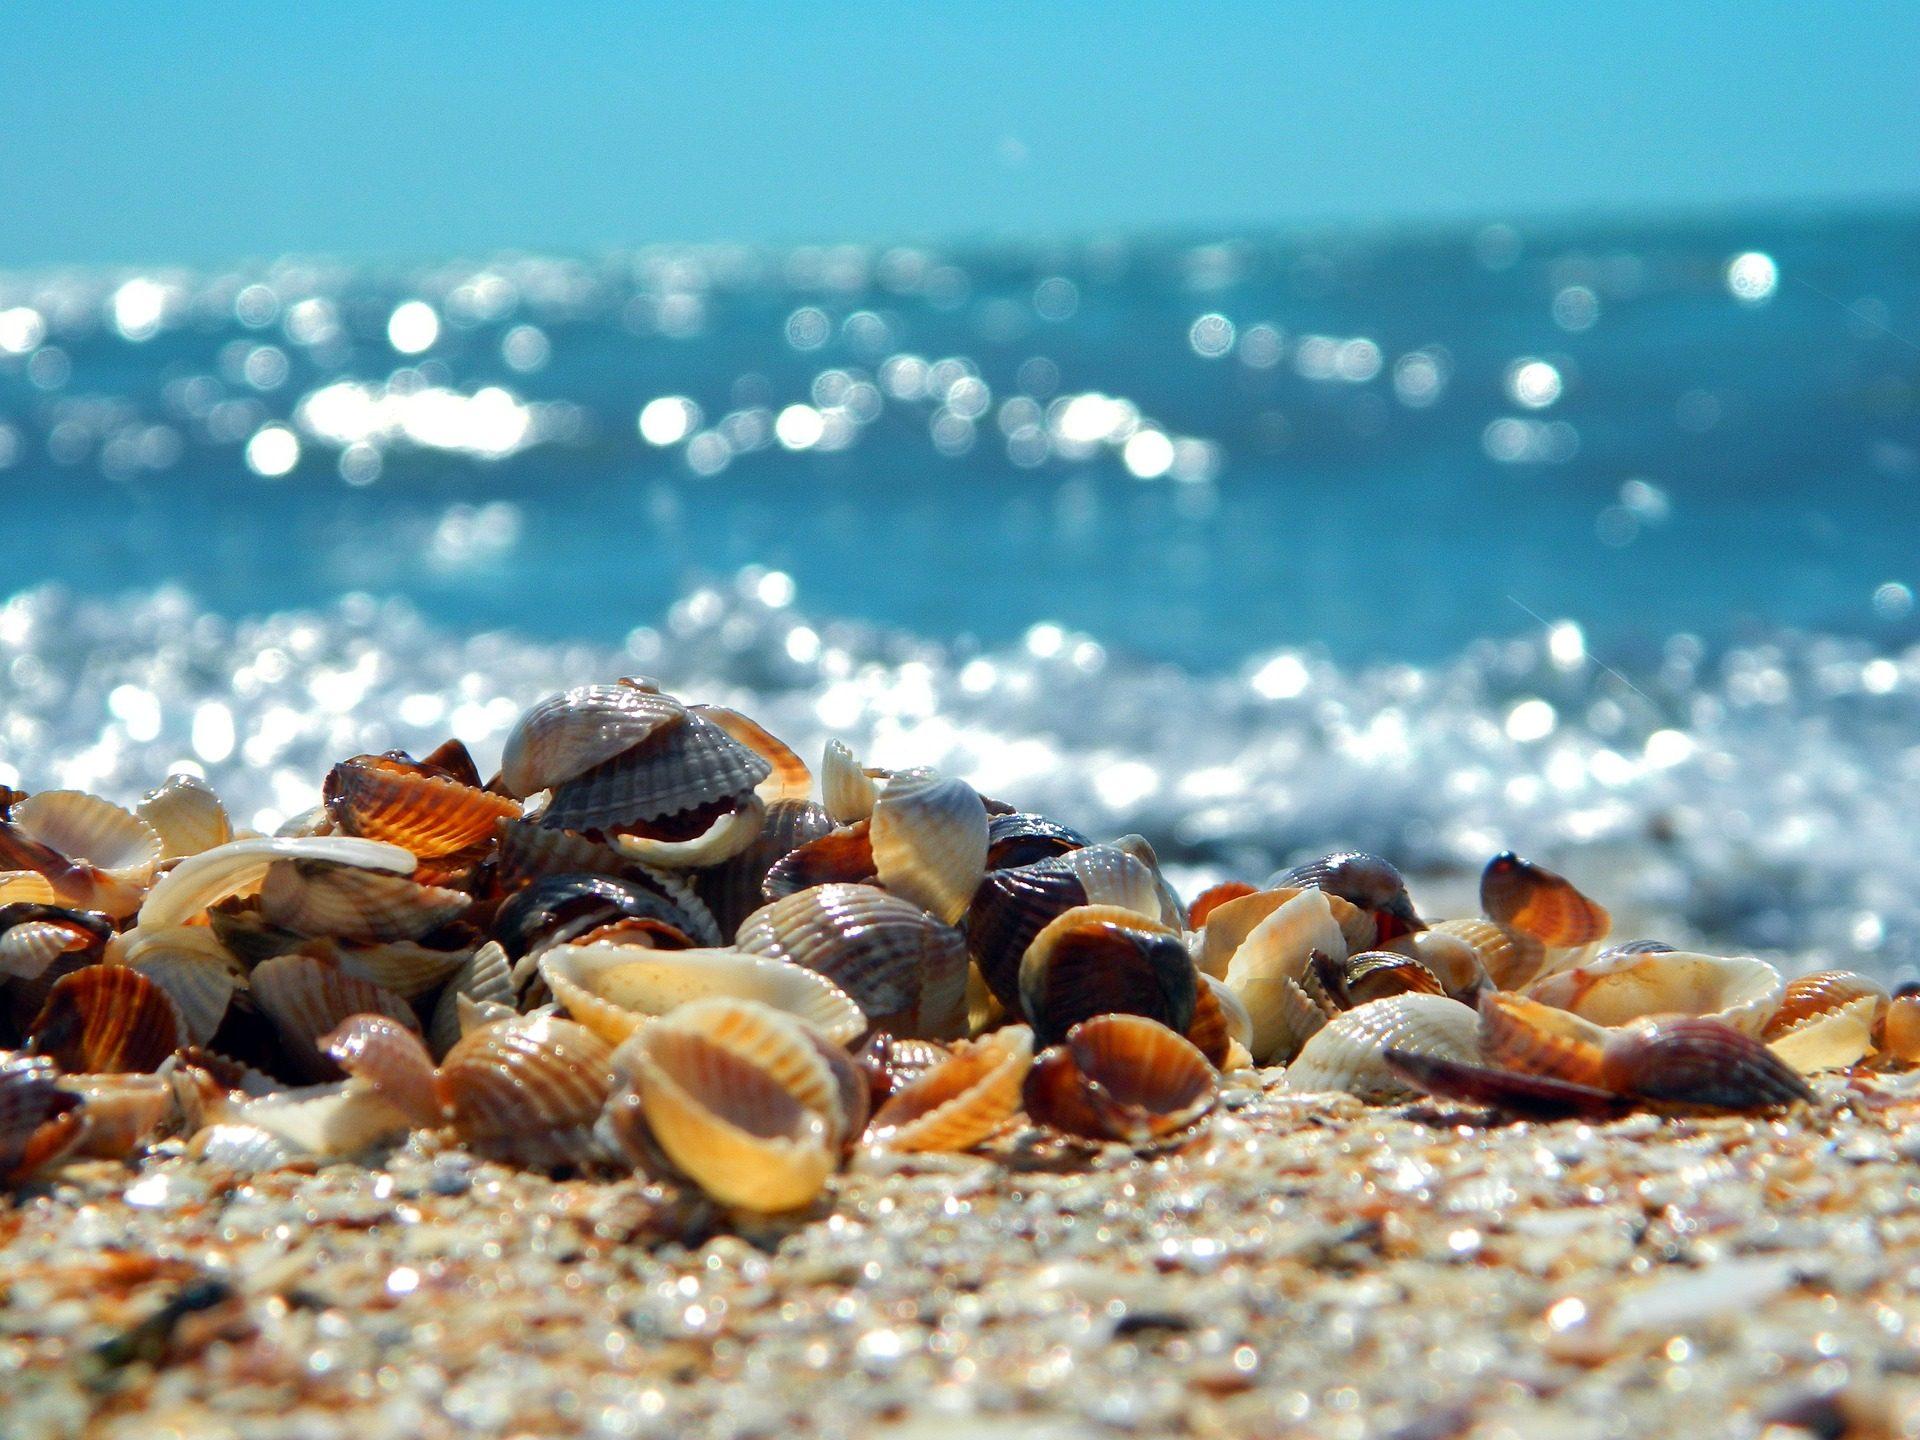 κοχύλια, όστρακα και κοχύλια, μύδια, Παραλία, Ωκεανός, Άμμος - Wallpapers HD - Professor-falken.com